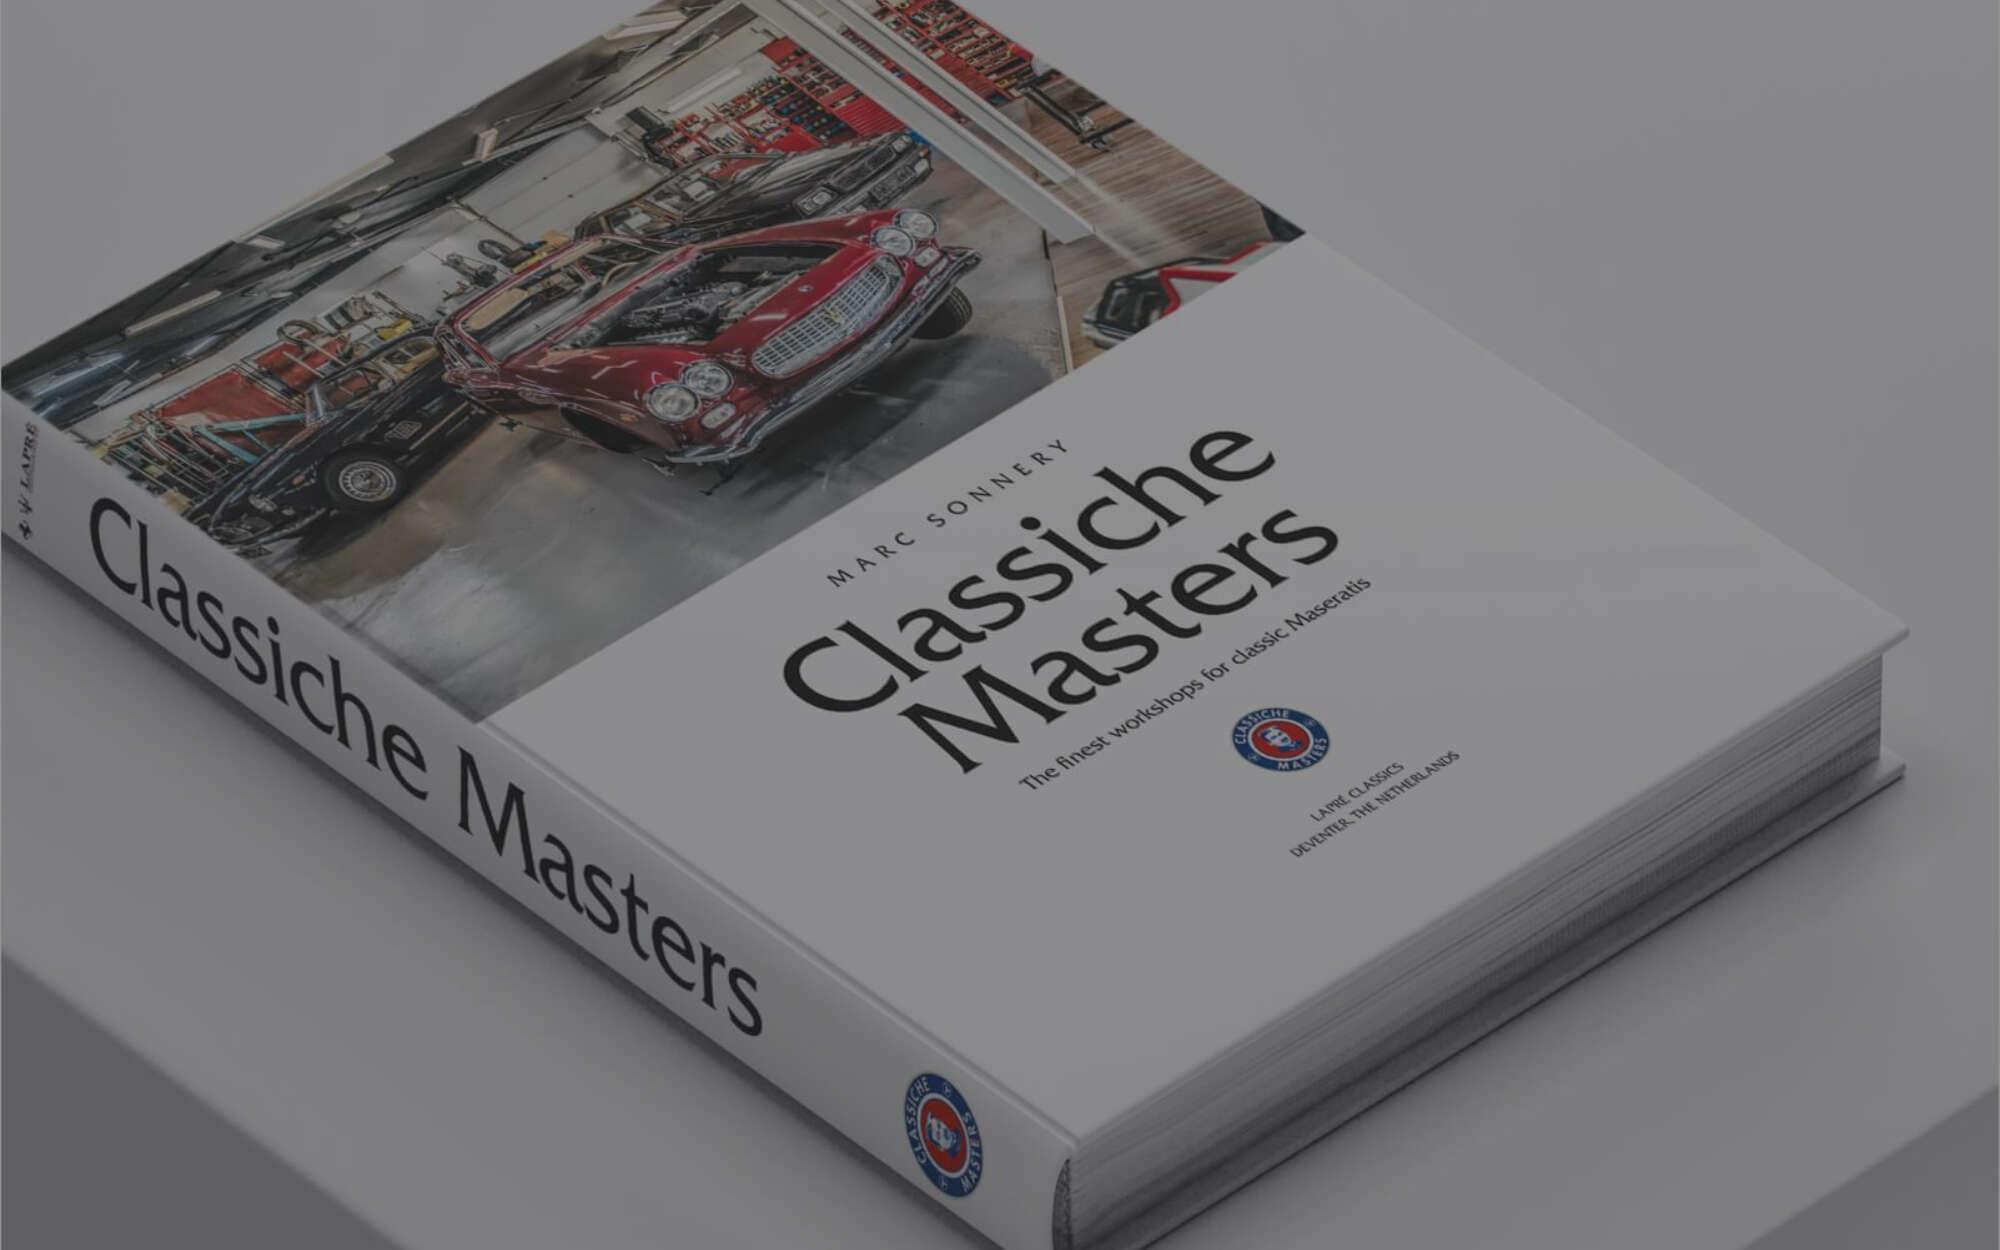 Classiche Masters cover darker